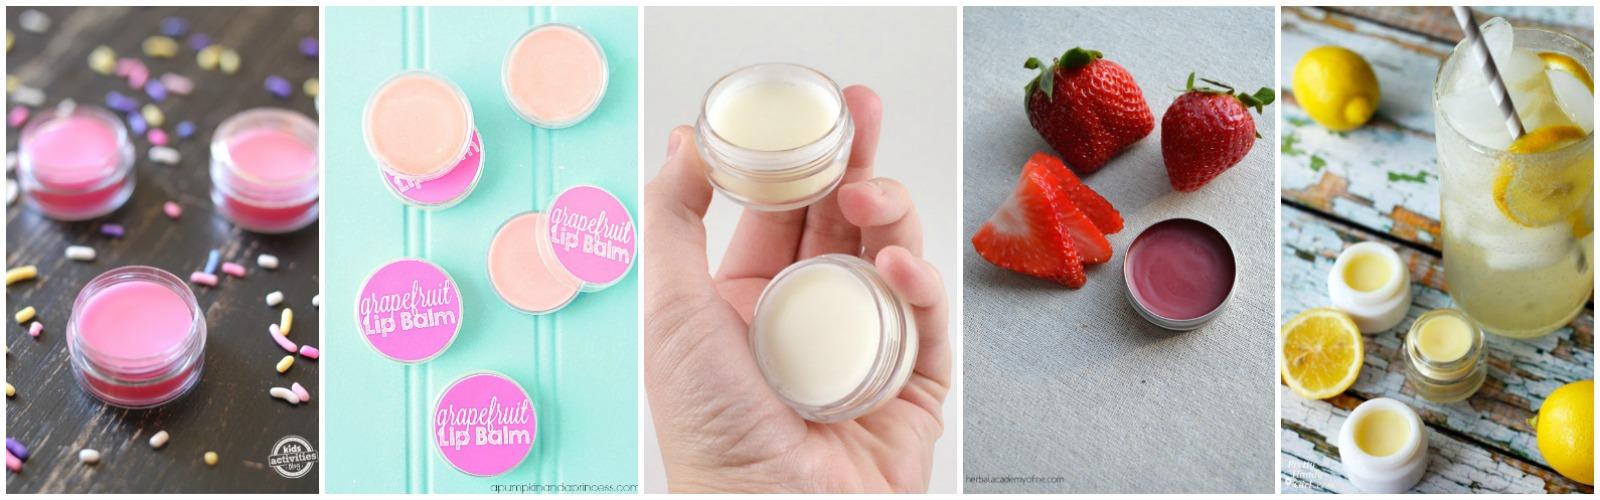 18 Ways to Make DIY Lip Balm